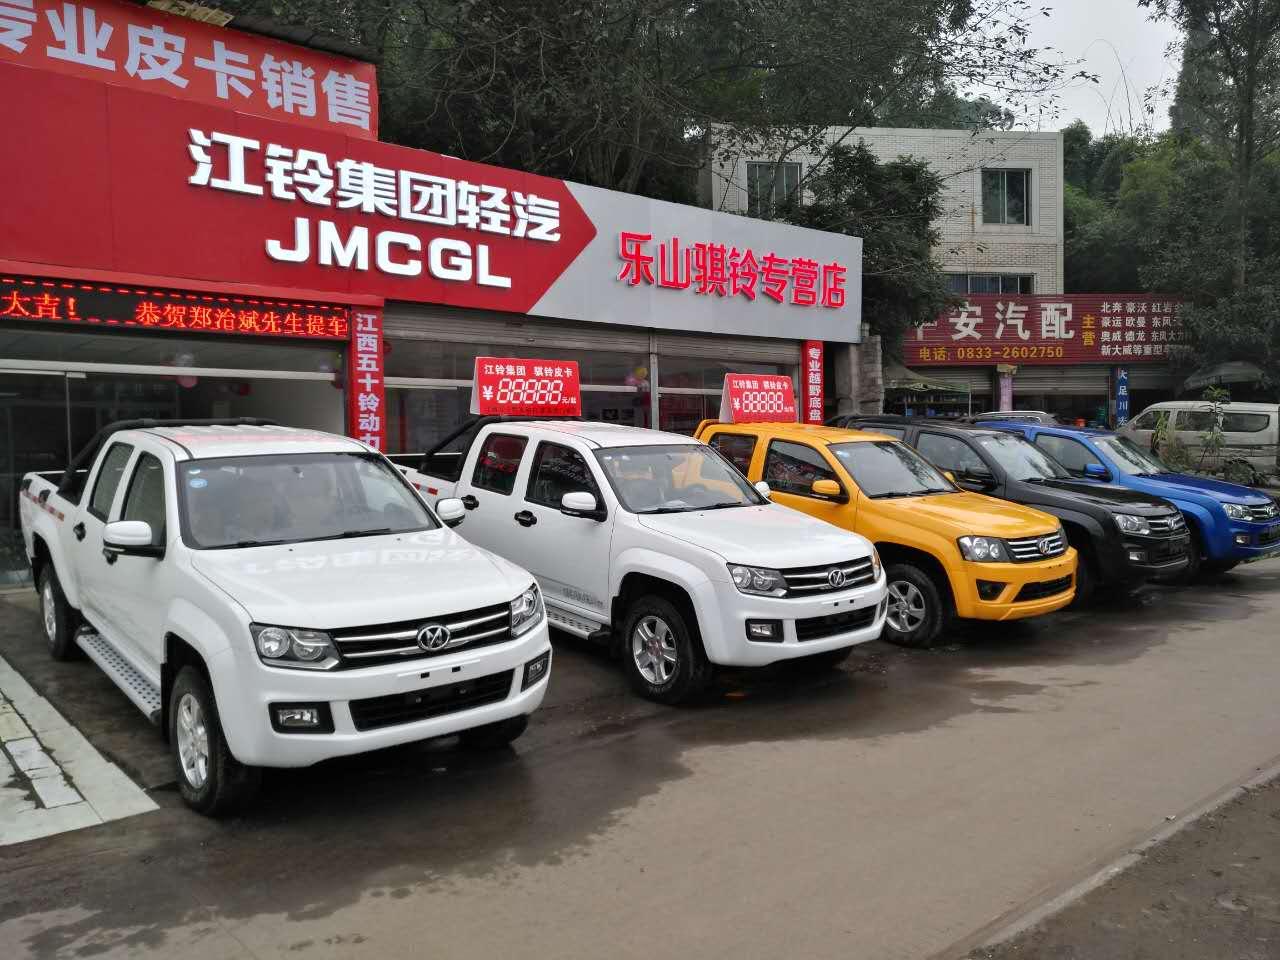 乐山海通汽车销售服务有限公司